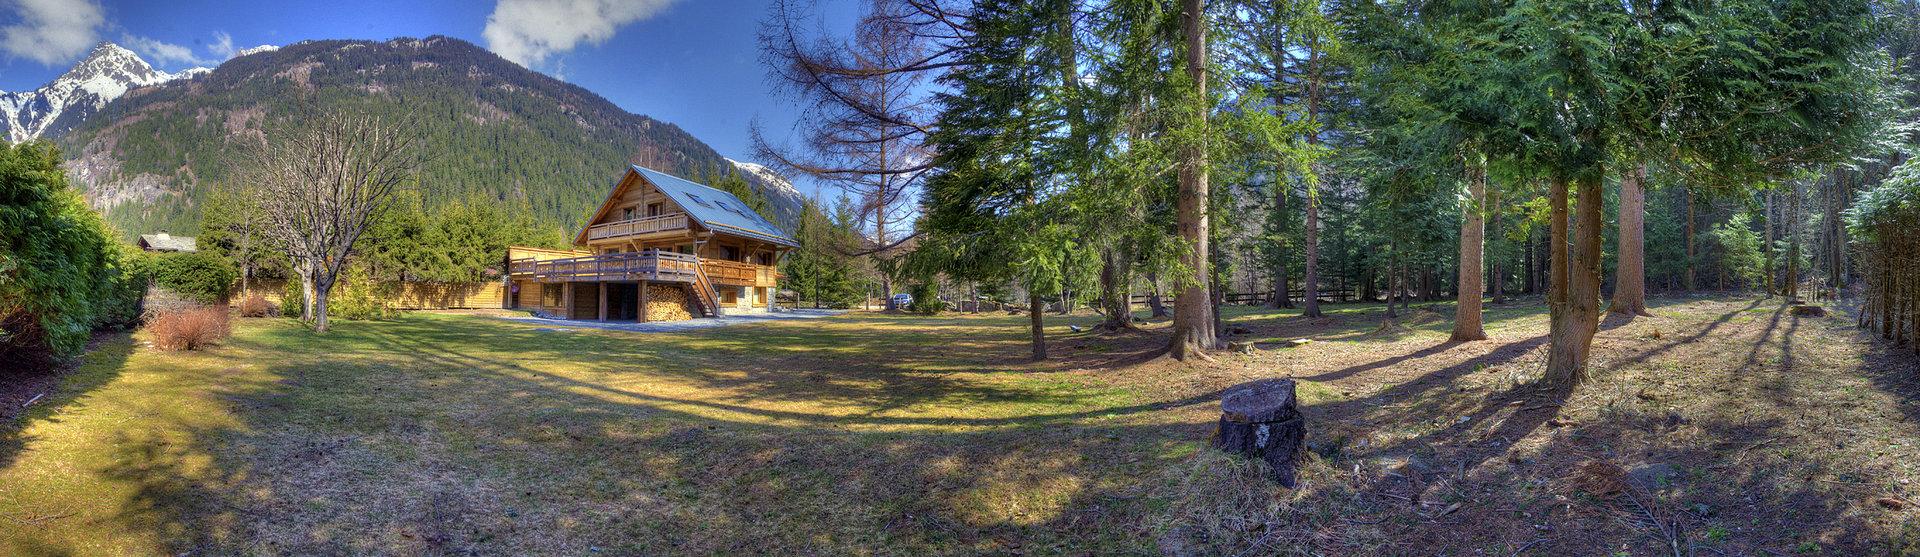 Сезонная аренда Шале - Шамони́-Монбла́н (Chamonix-Mont-Blanc) Les Praz